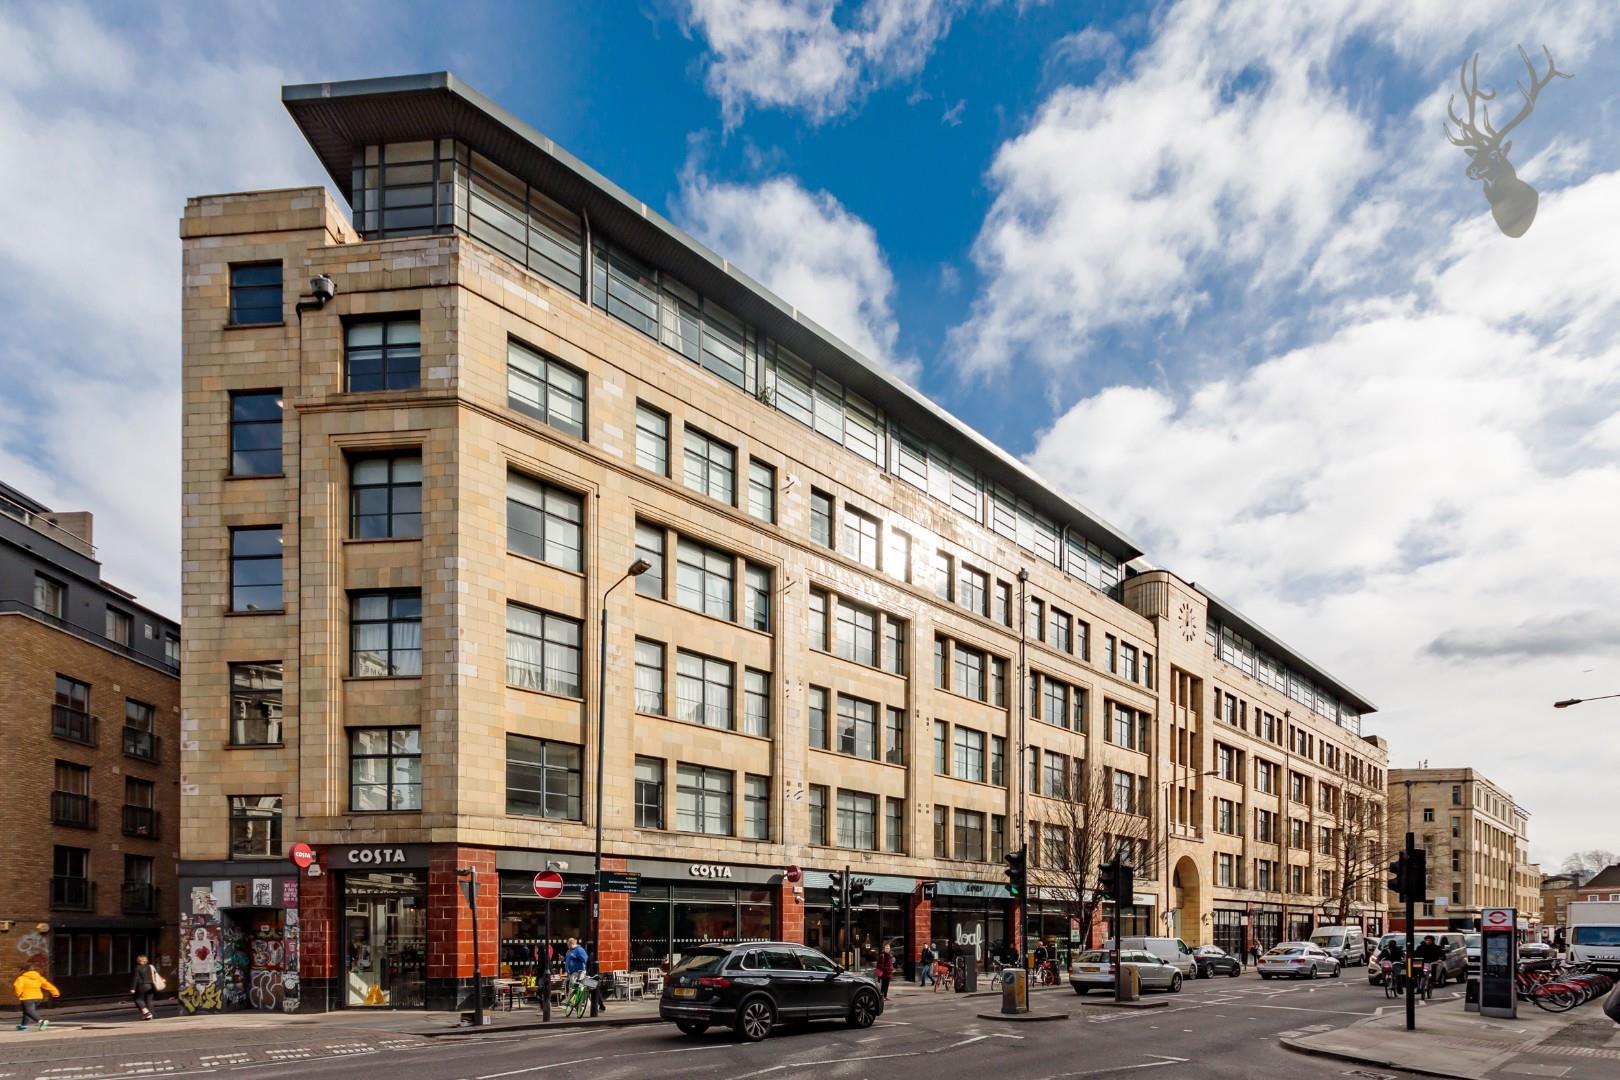 Commercial Street  Spitalfields  E1